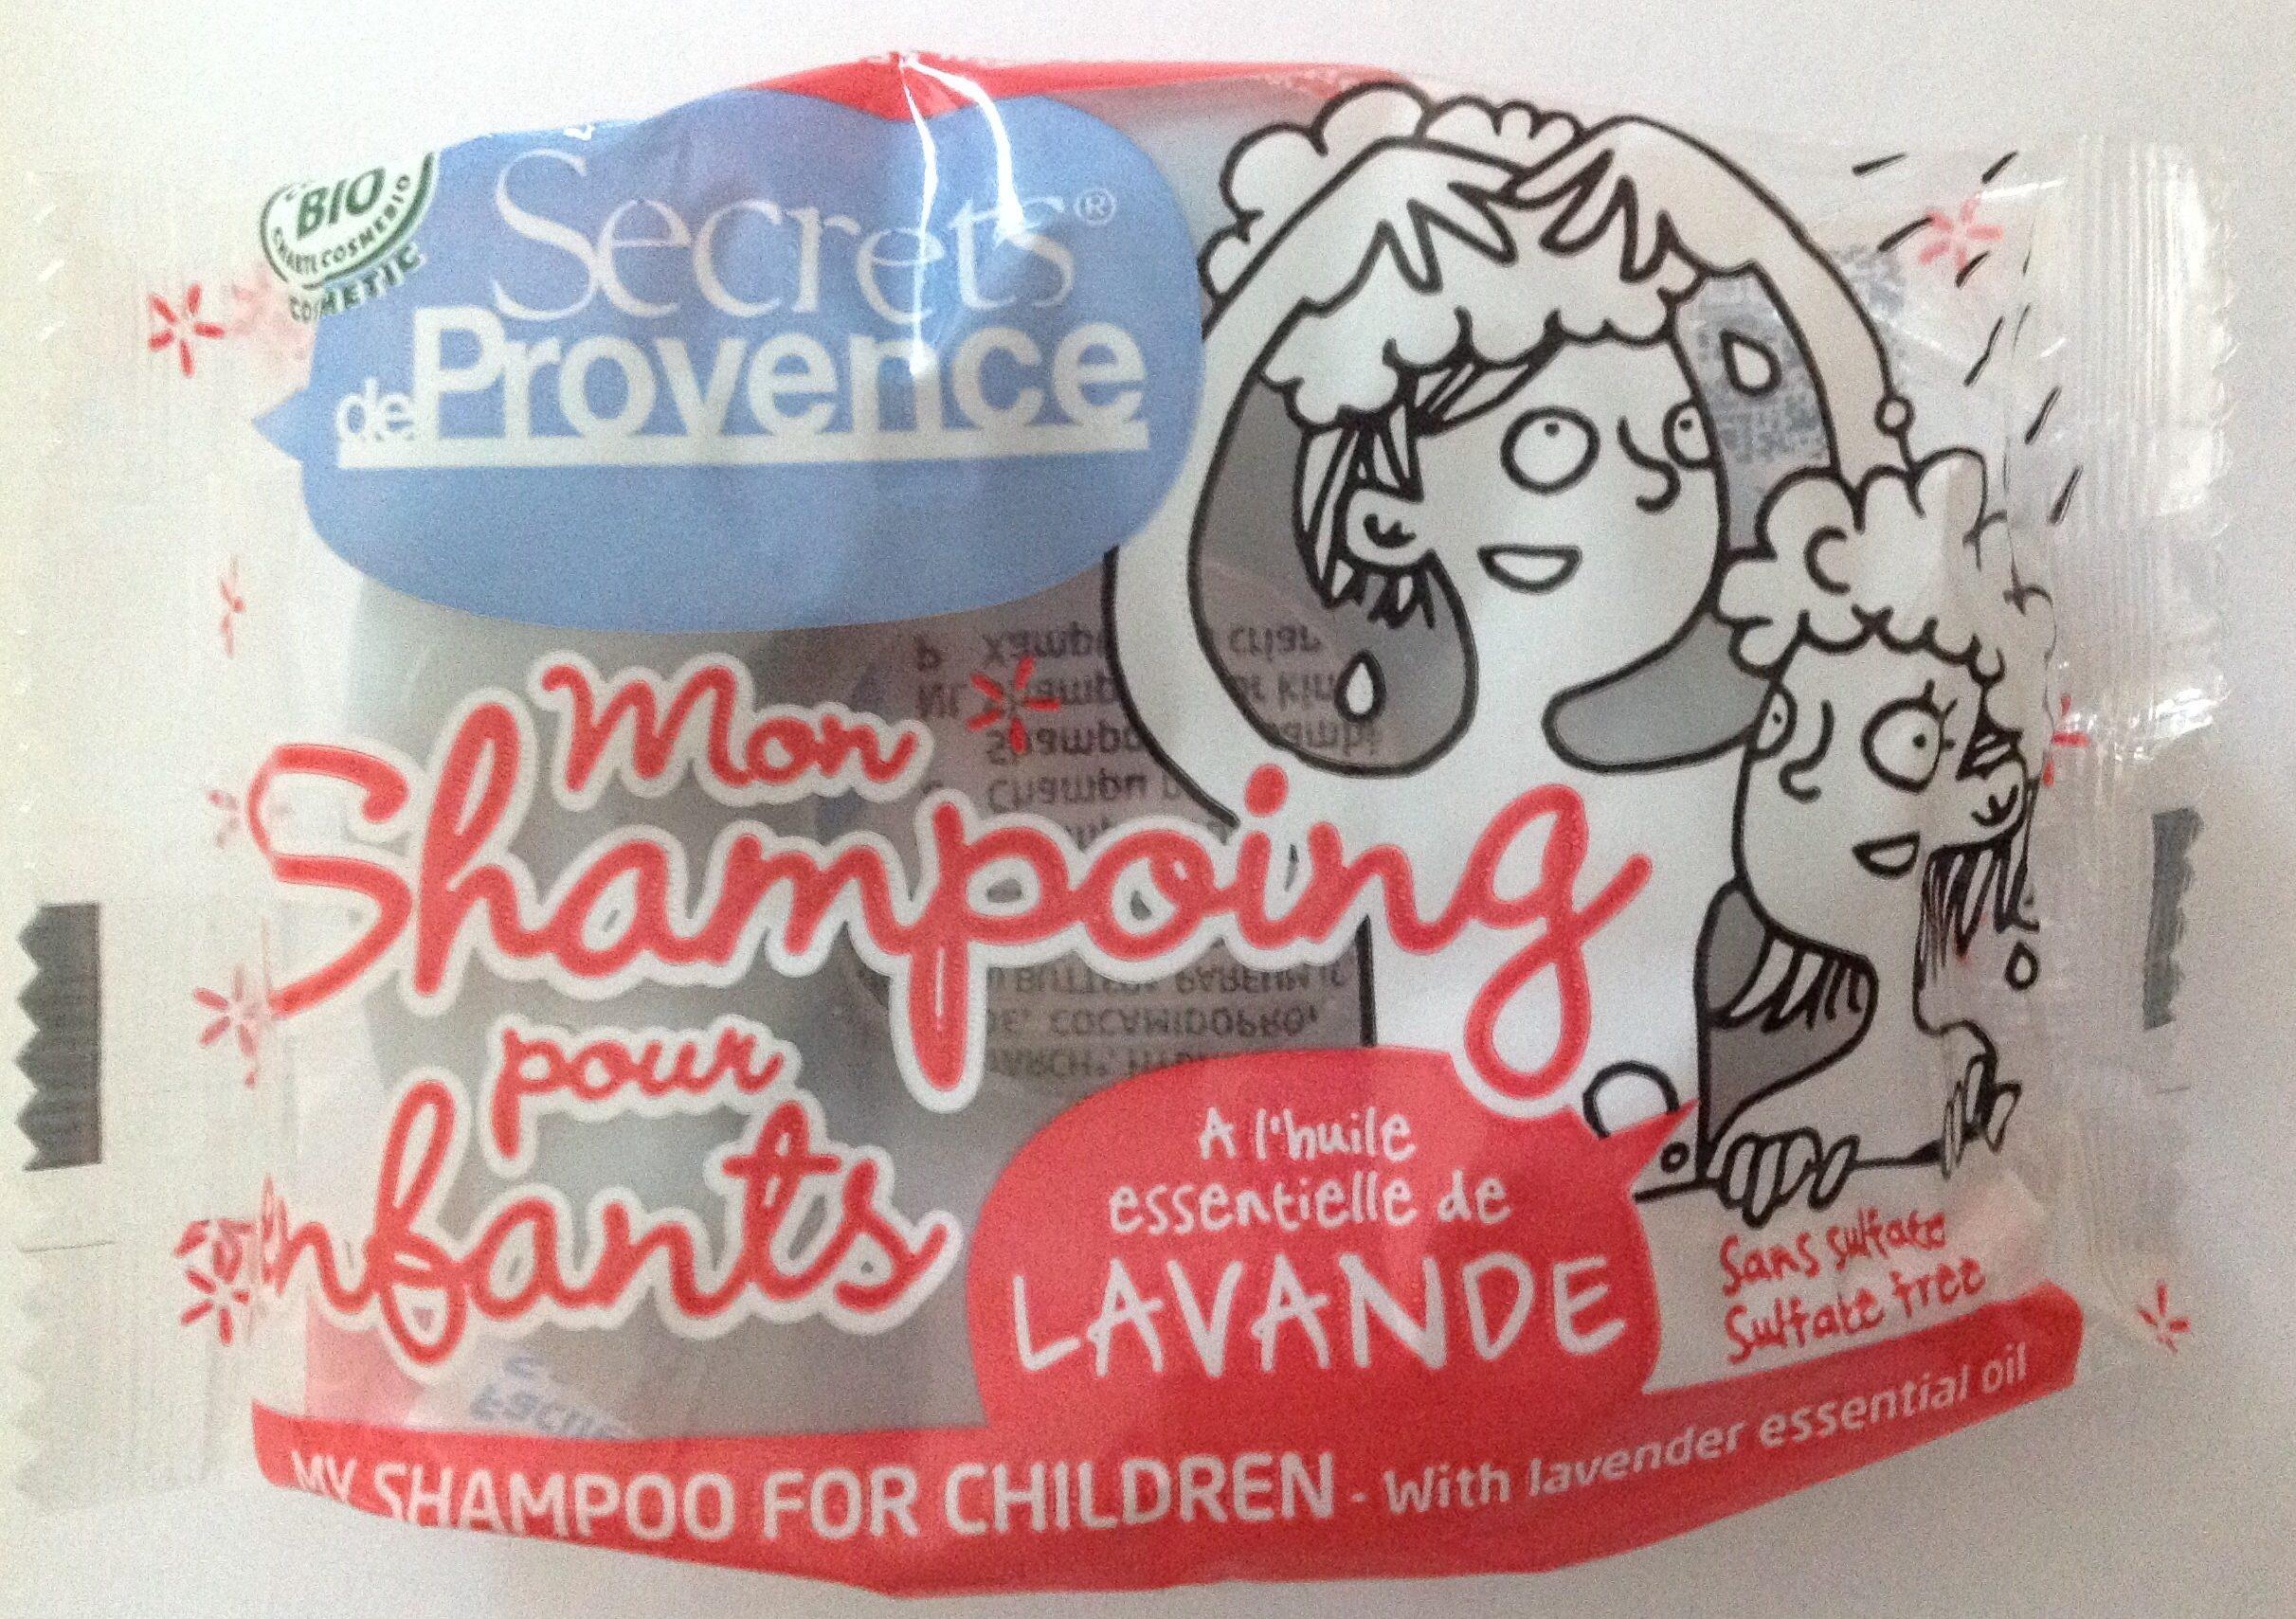 Mon shampoing pour enfants - Produit